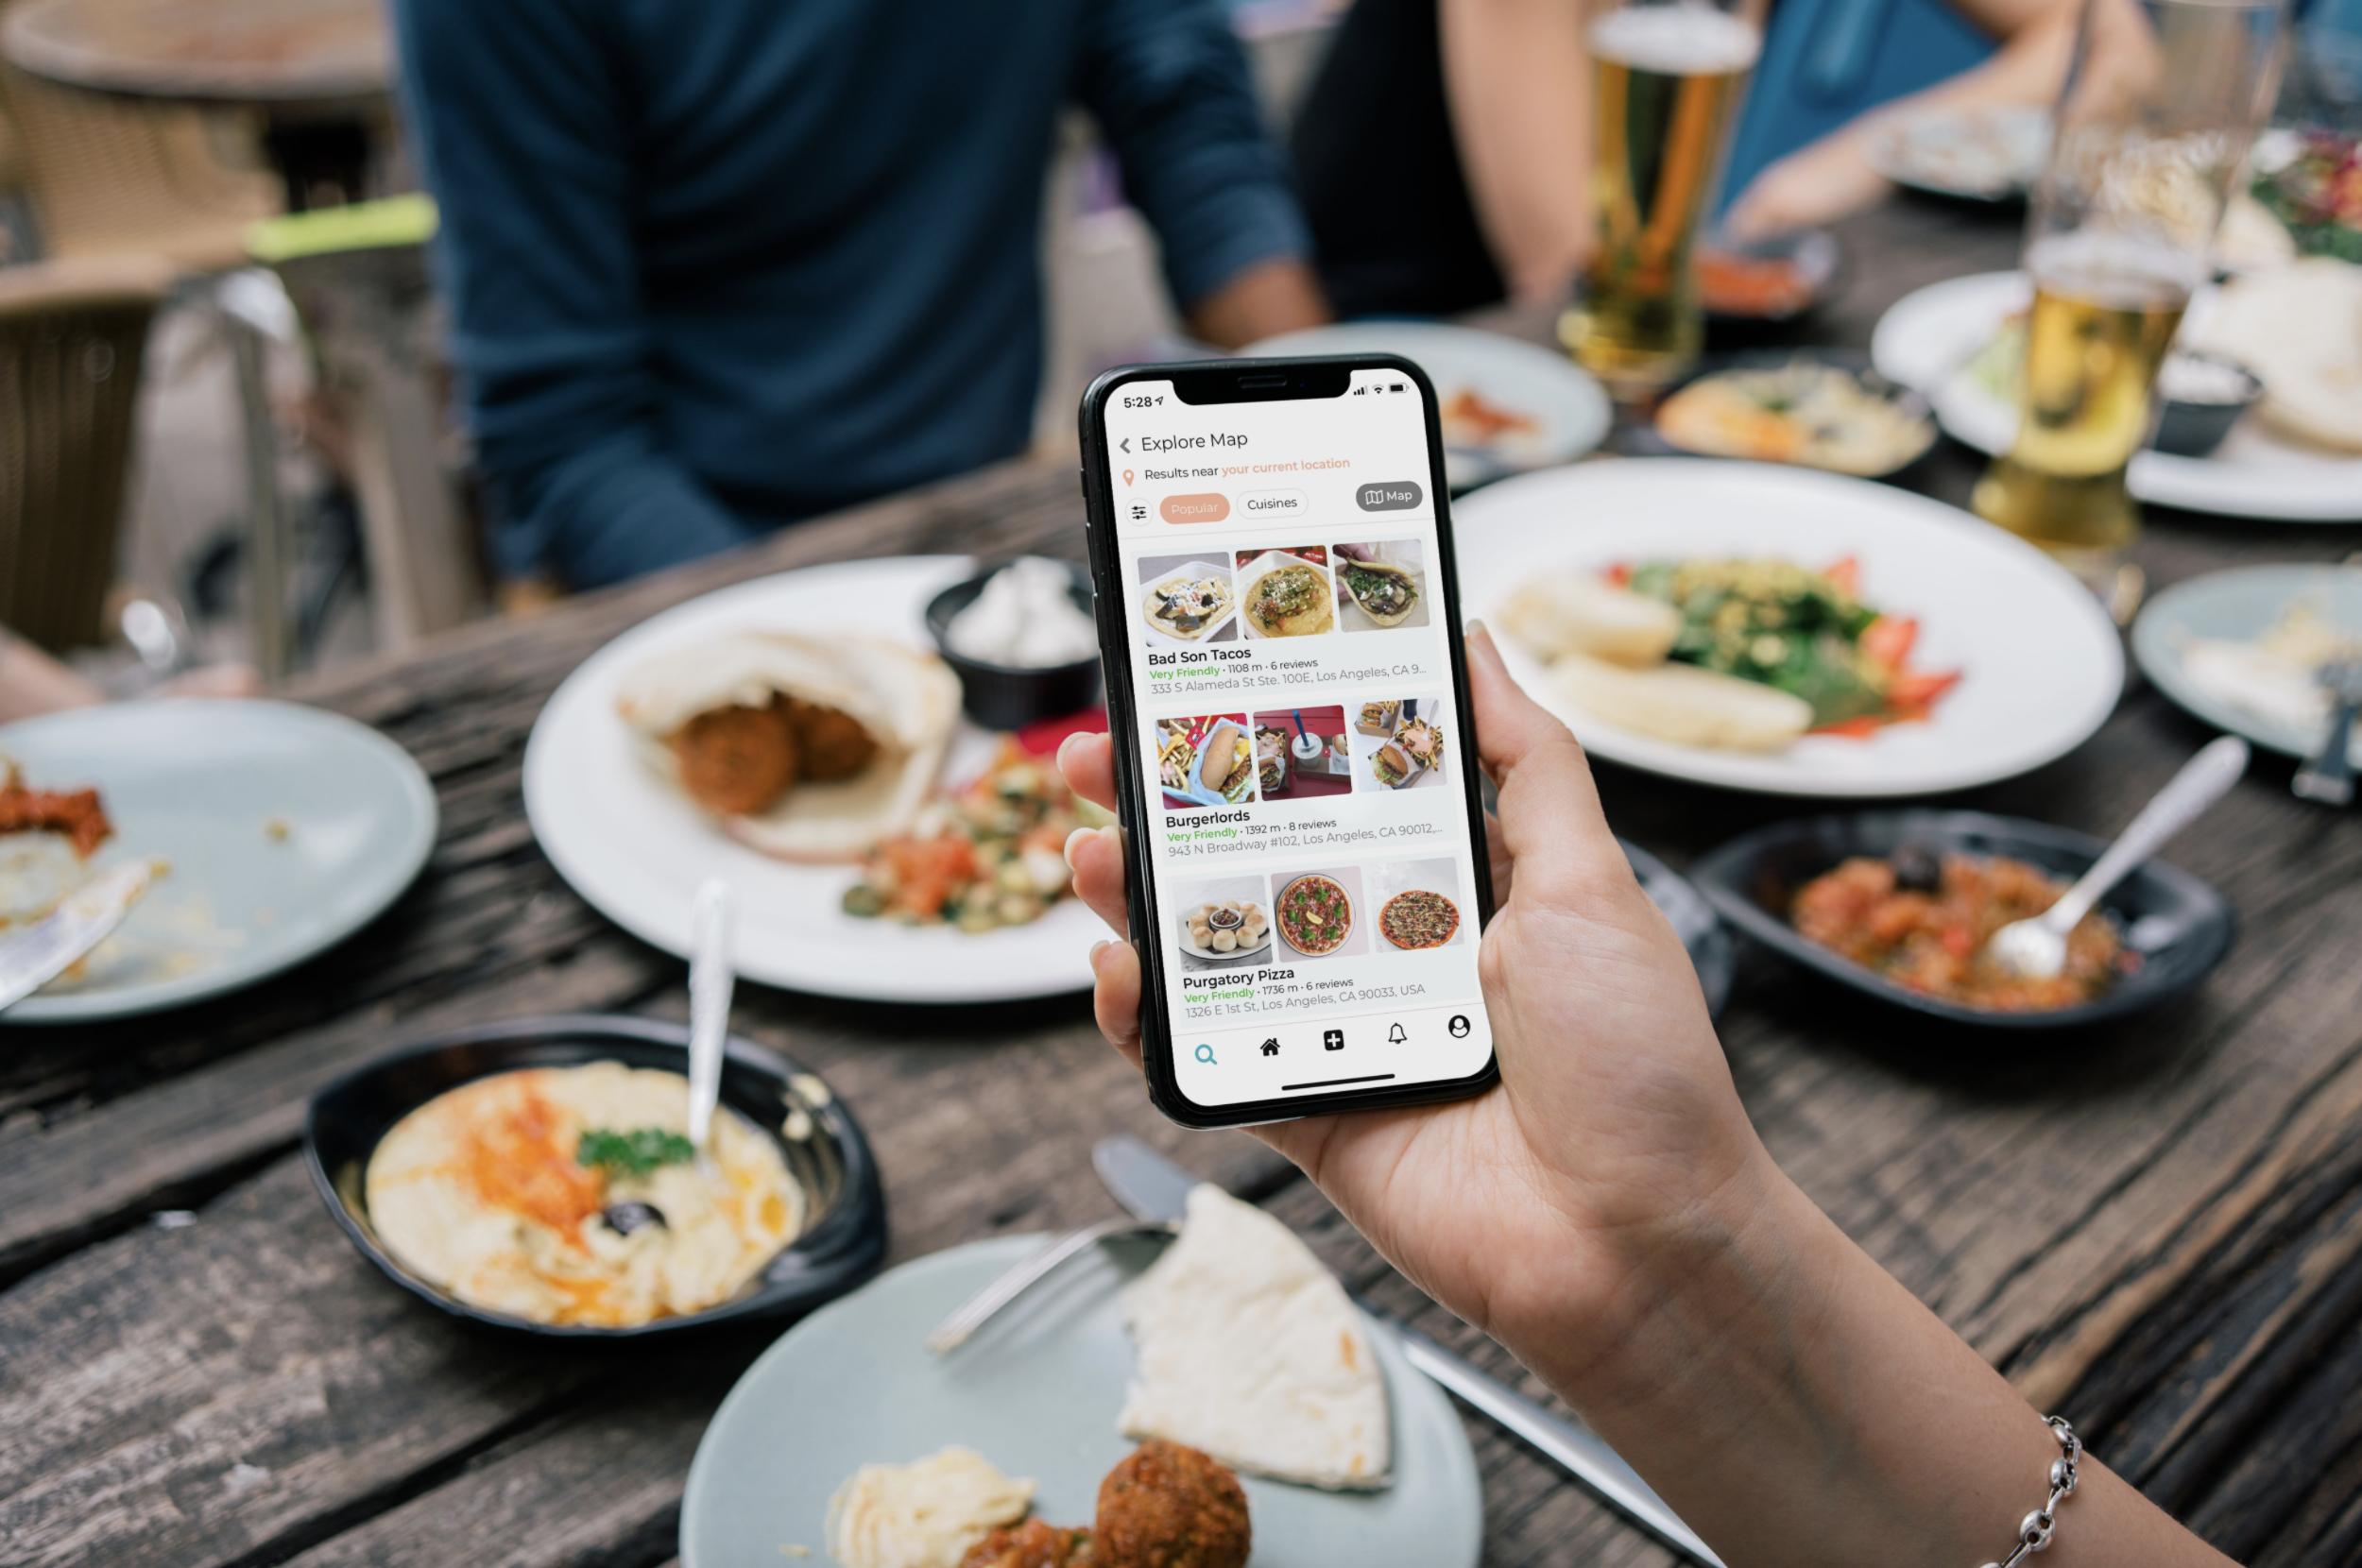 La tecnología se apropia de bares y restaurantes 🍔🍕